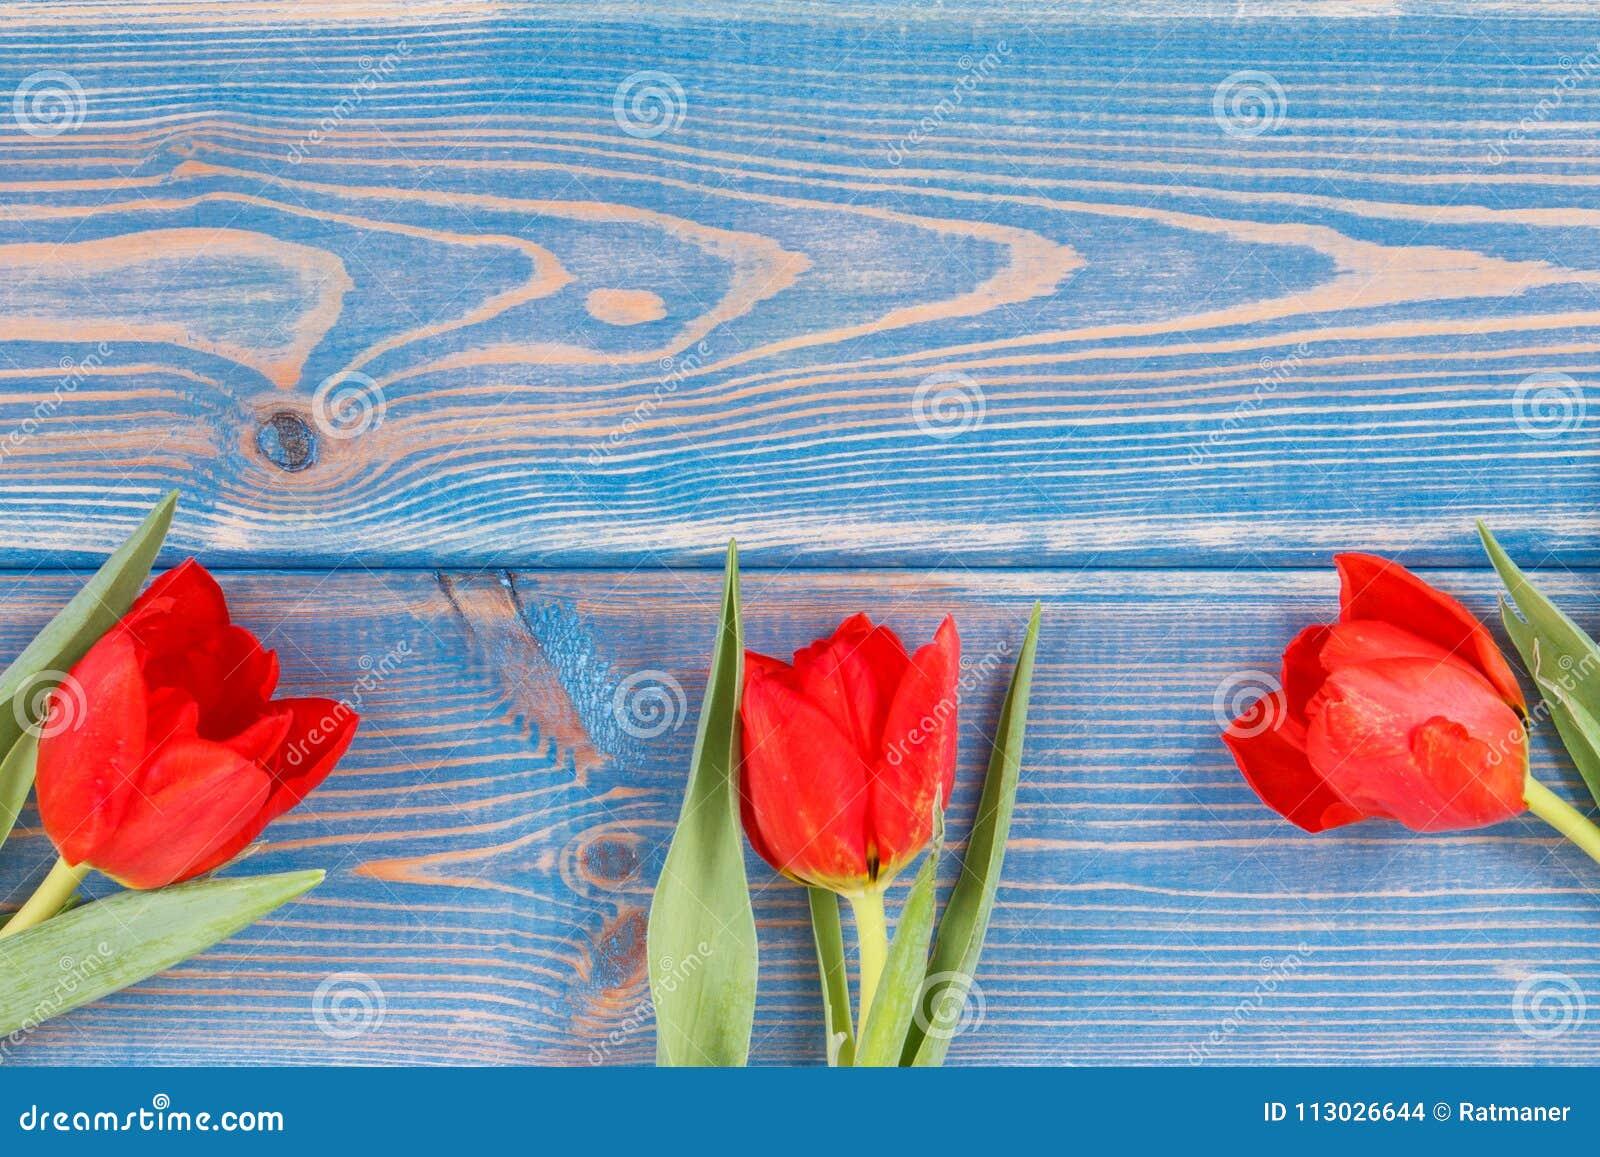 Ramo de tulipanes frescos en tableros azules, espacio de la copia para el texto